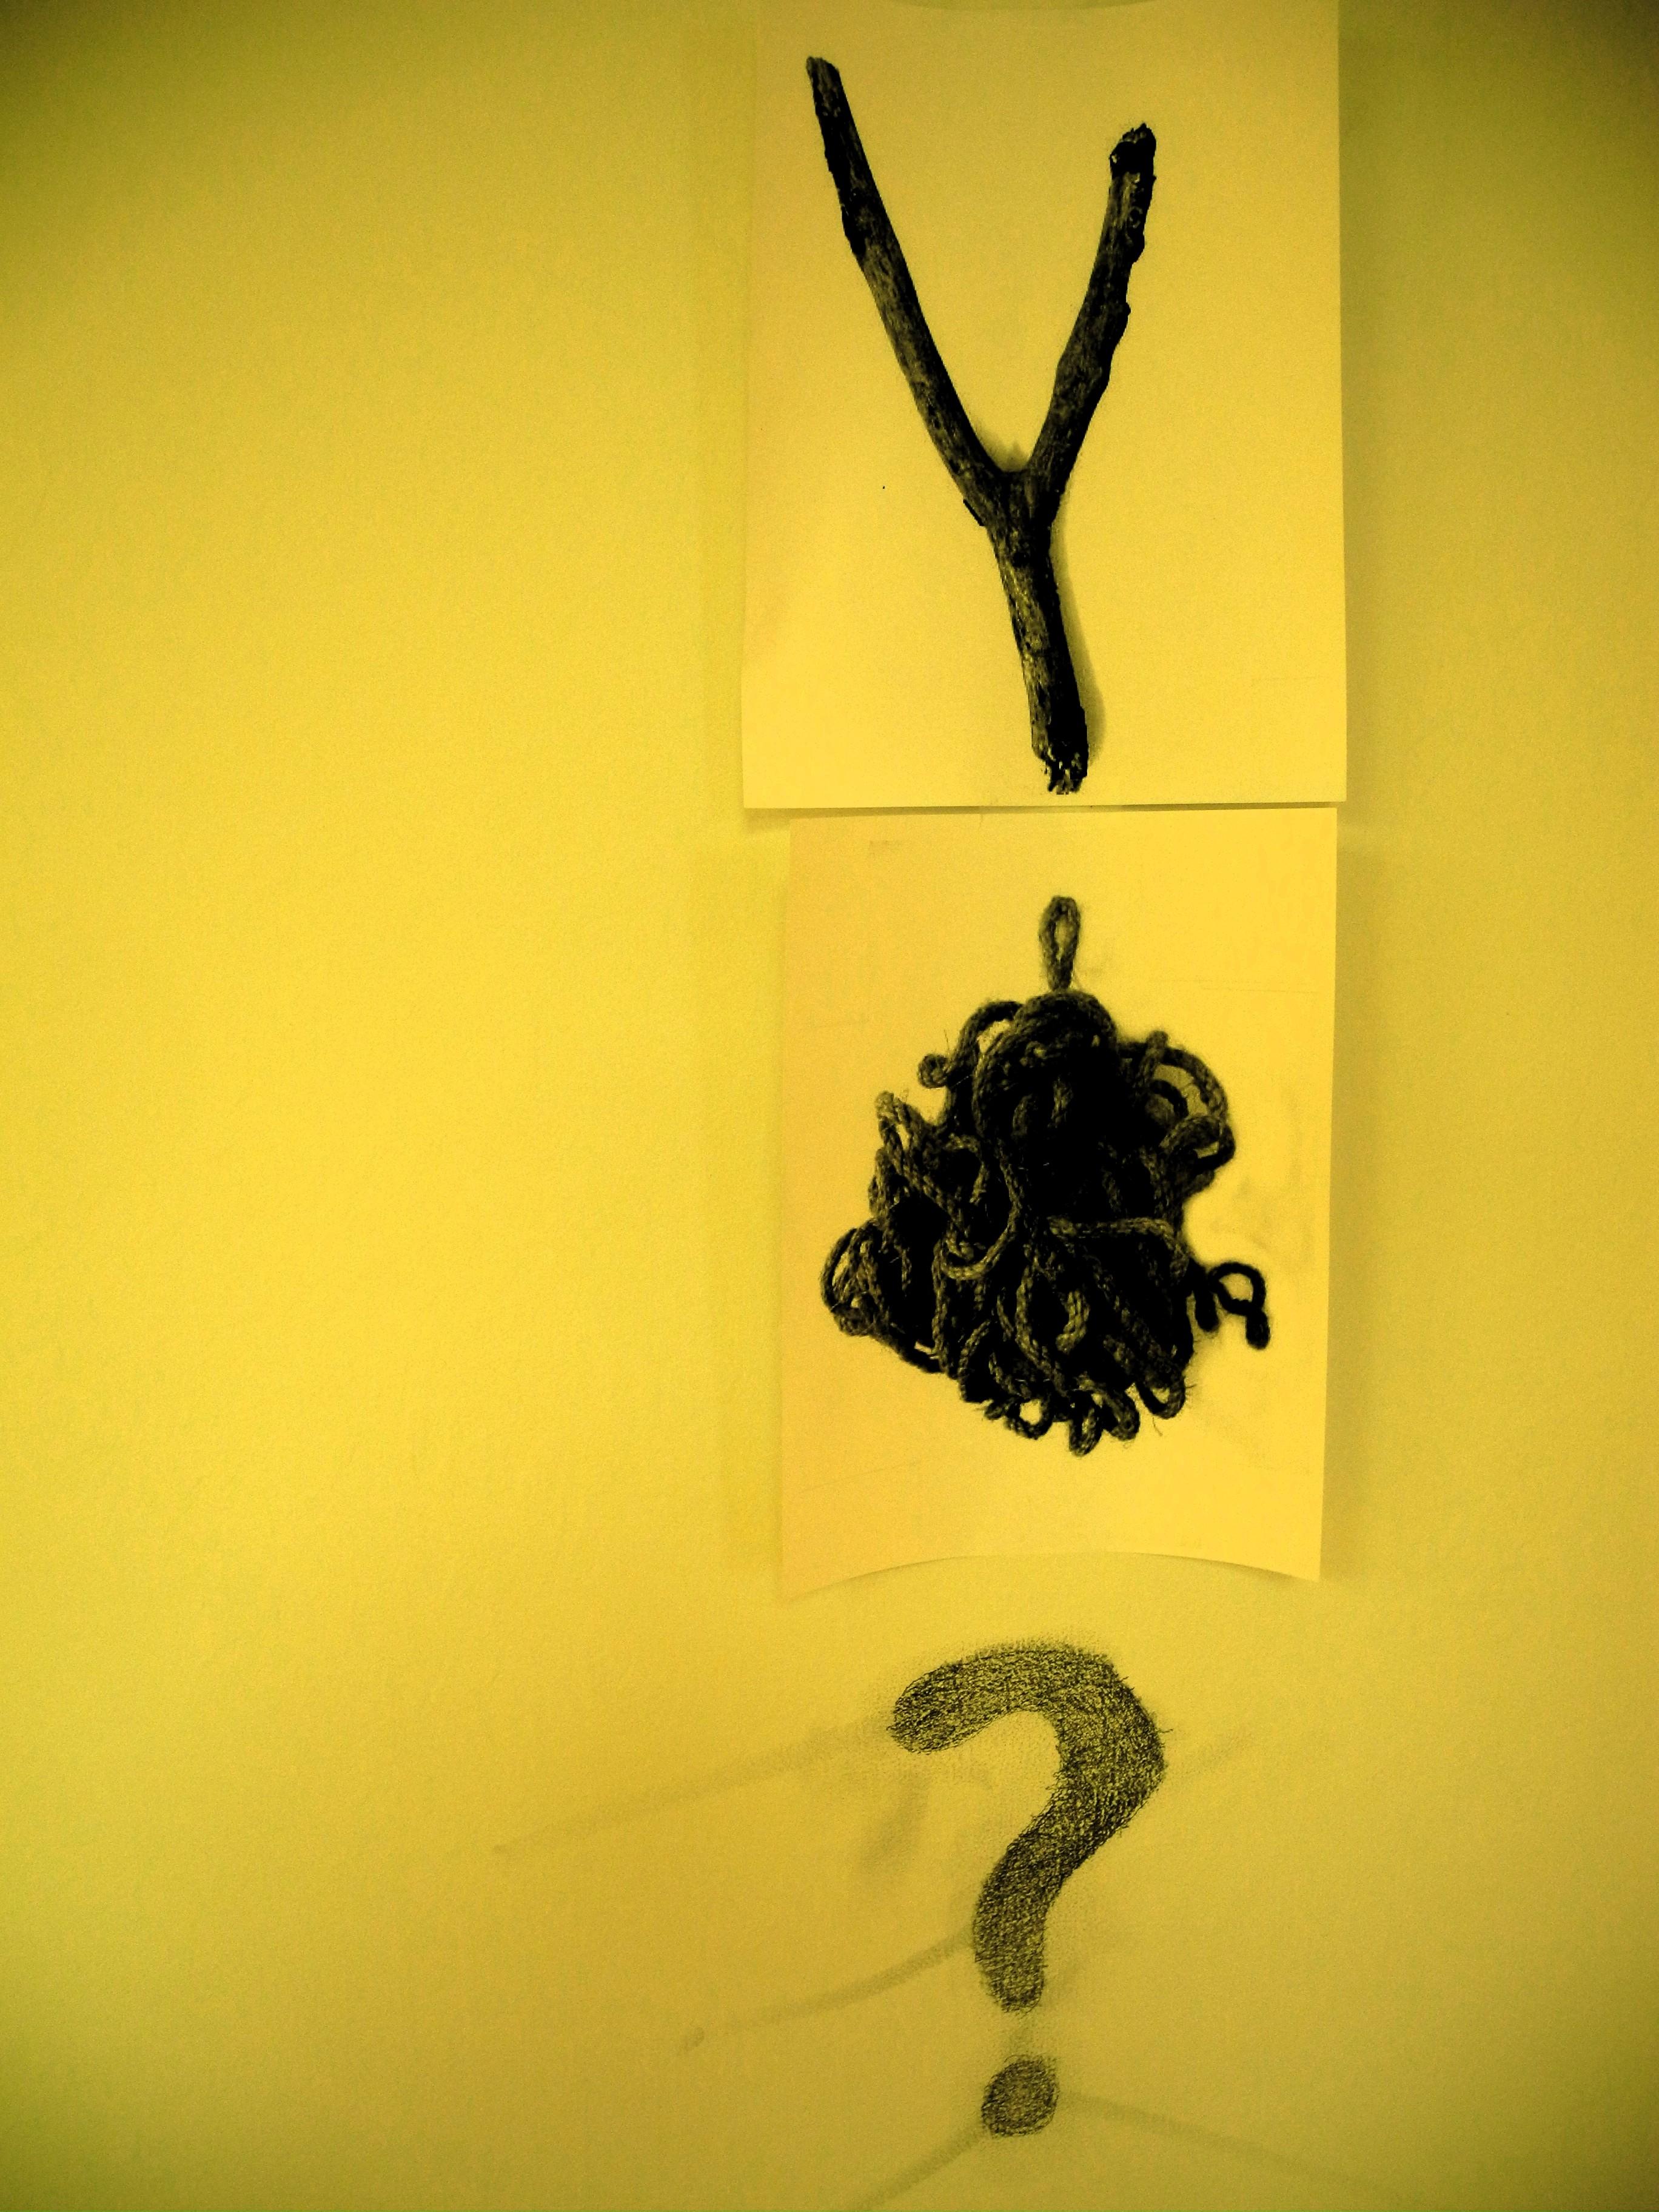 Y knot?